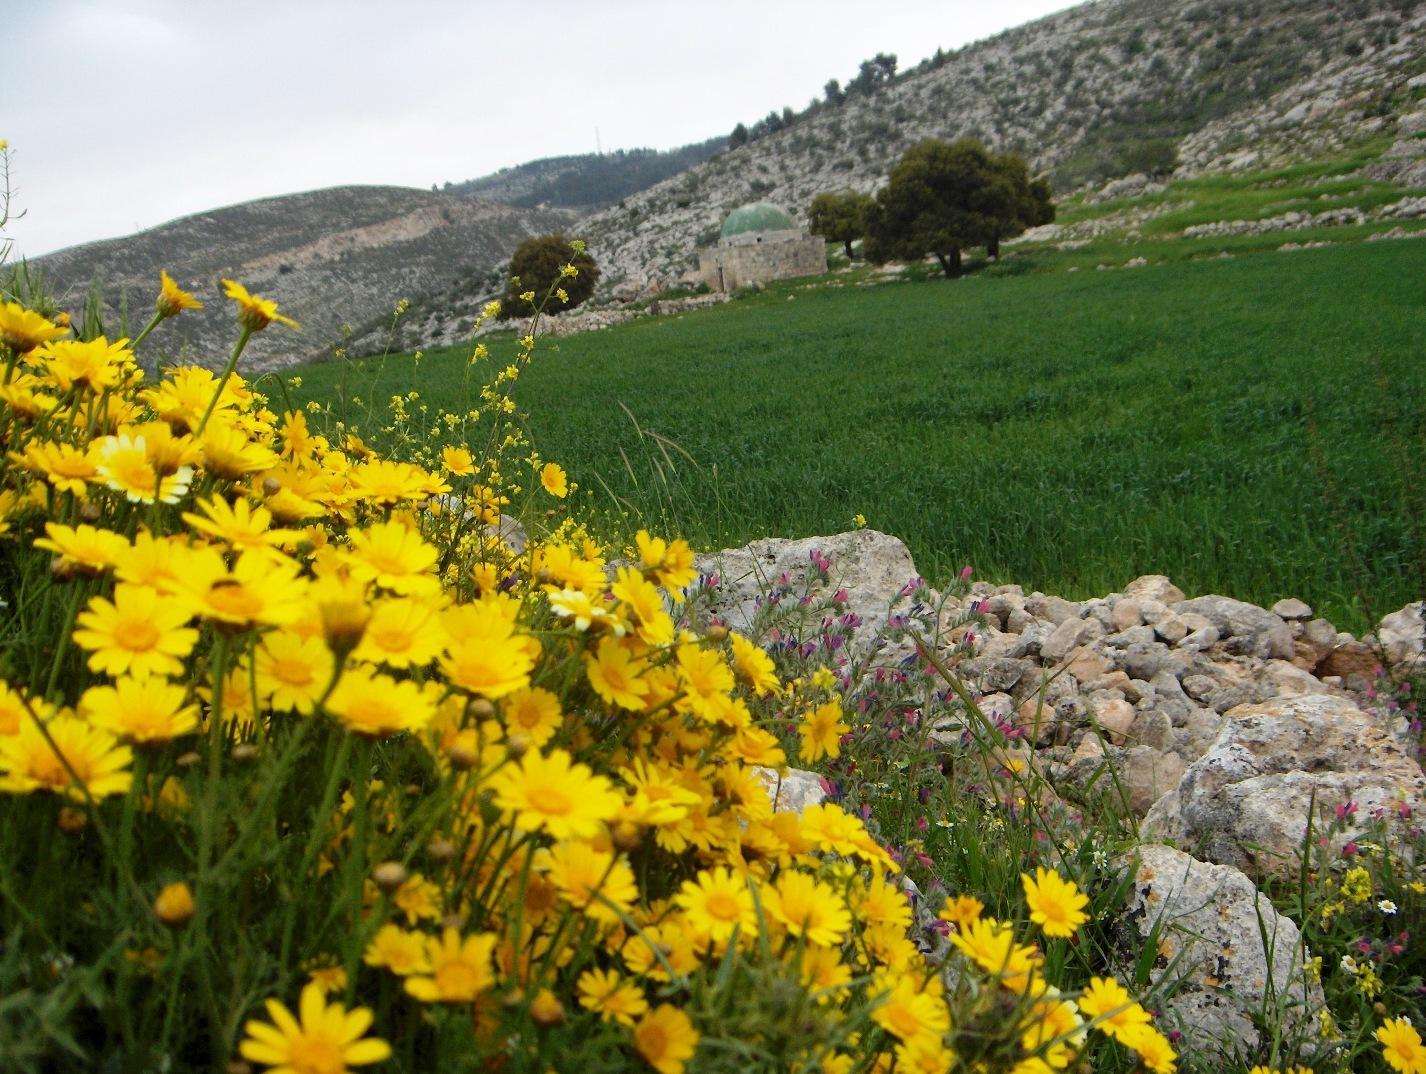 بالصور صور فصل الربيع , اروع صور لفصل الربيع وجماله 2841 15